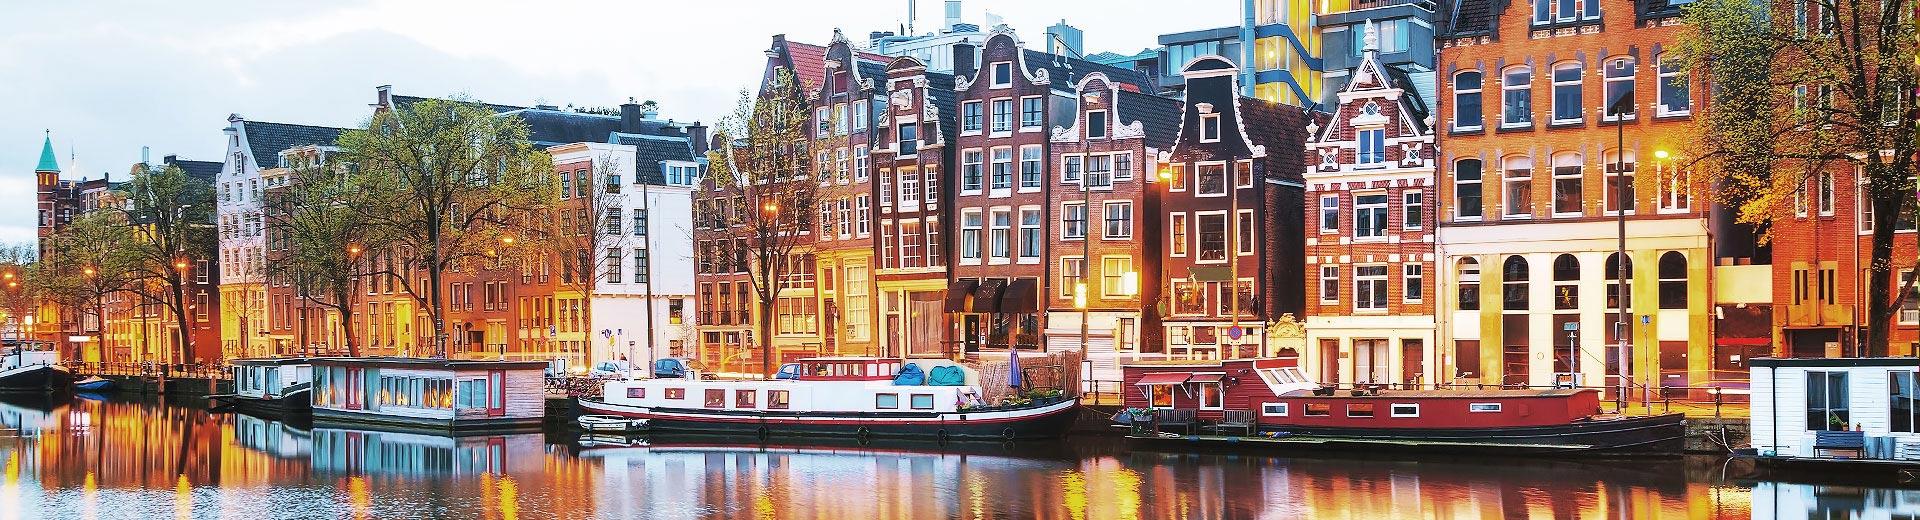 Gruppenreise Amsterdam - Package Gruppen Select Flug